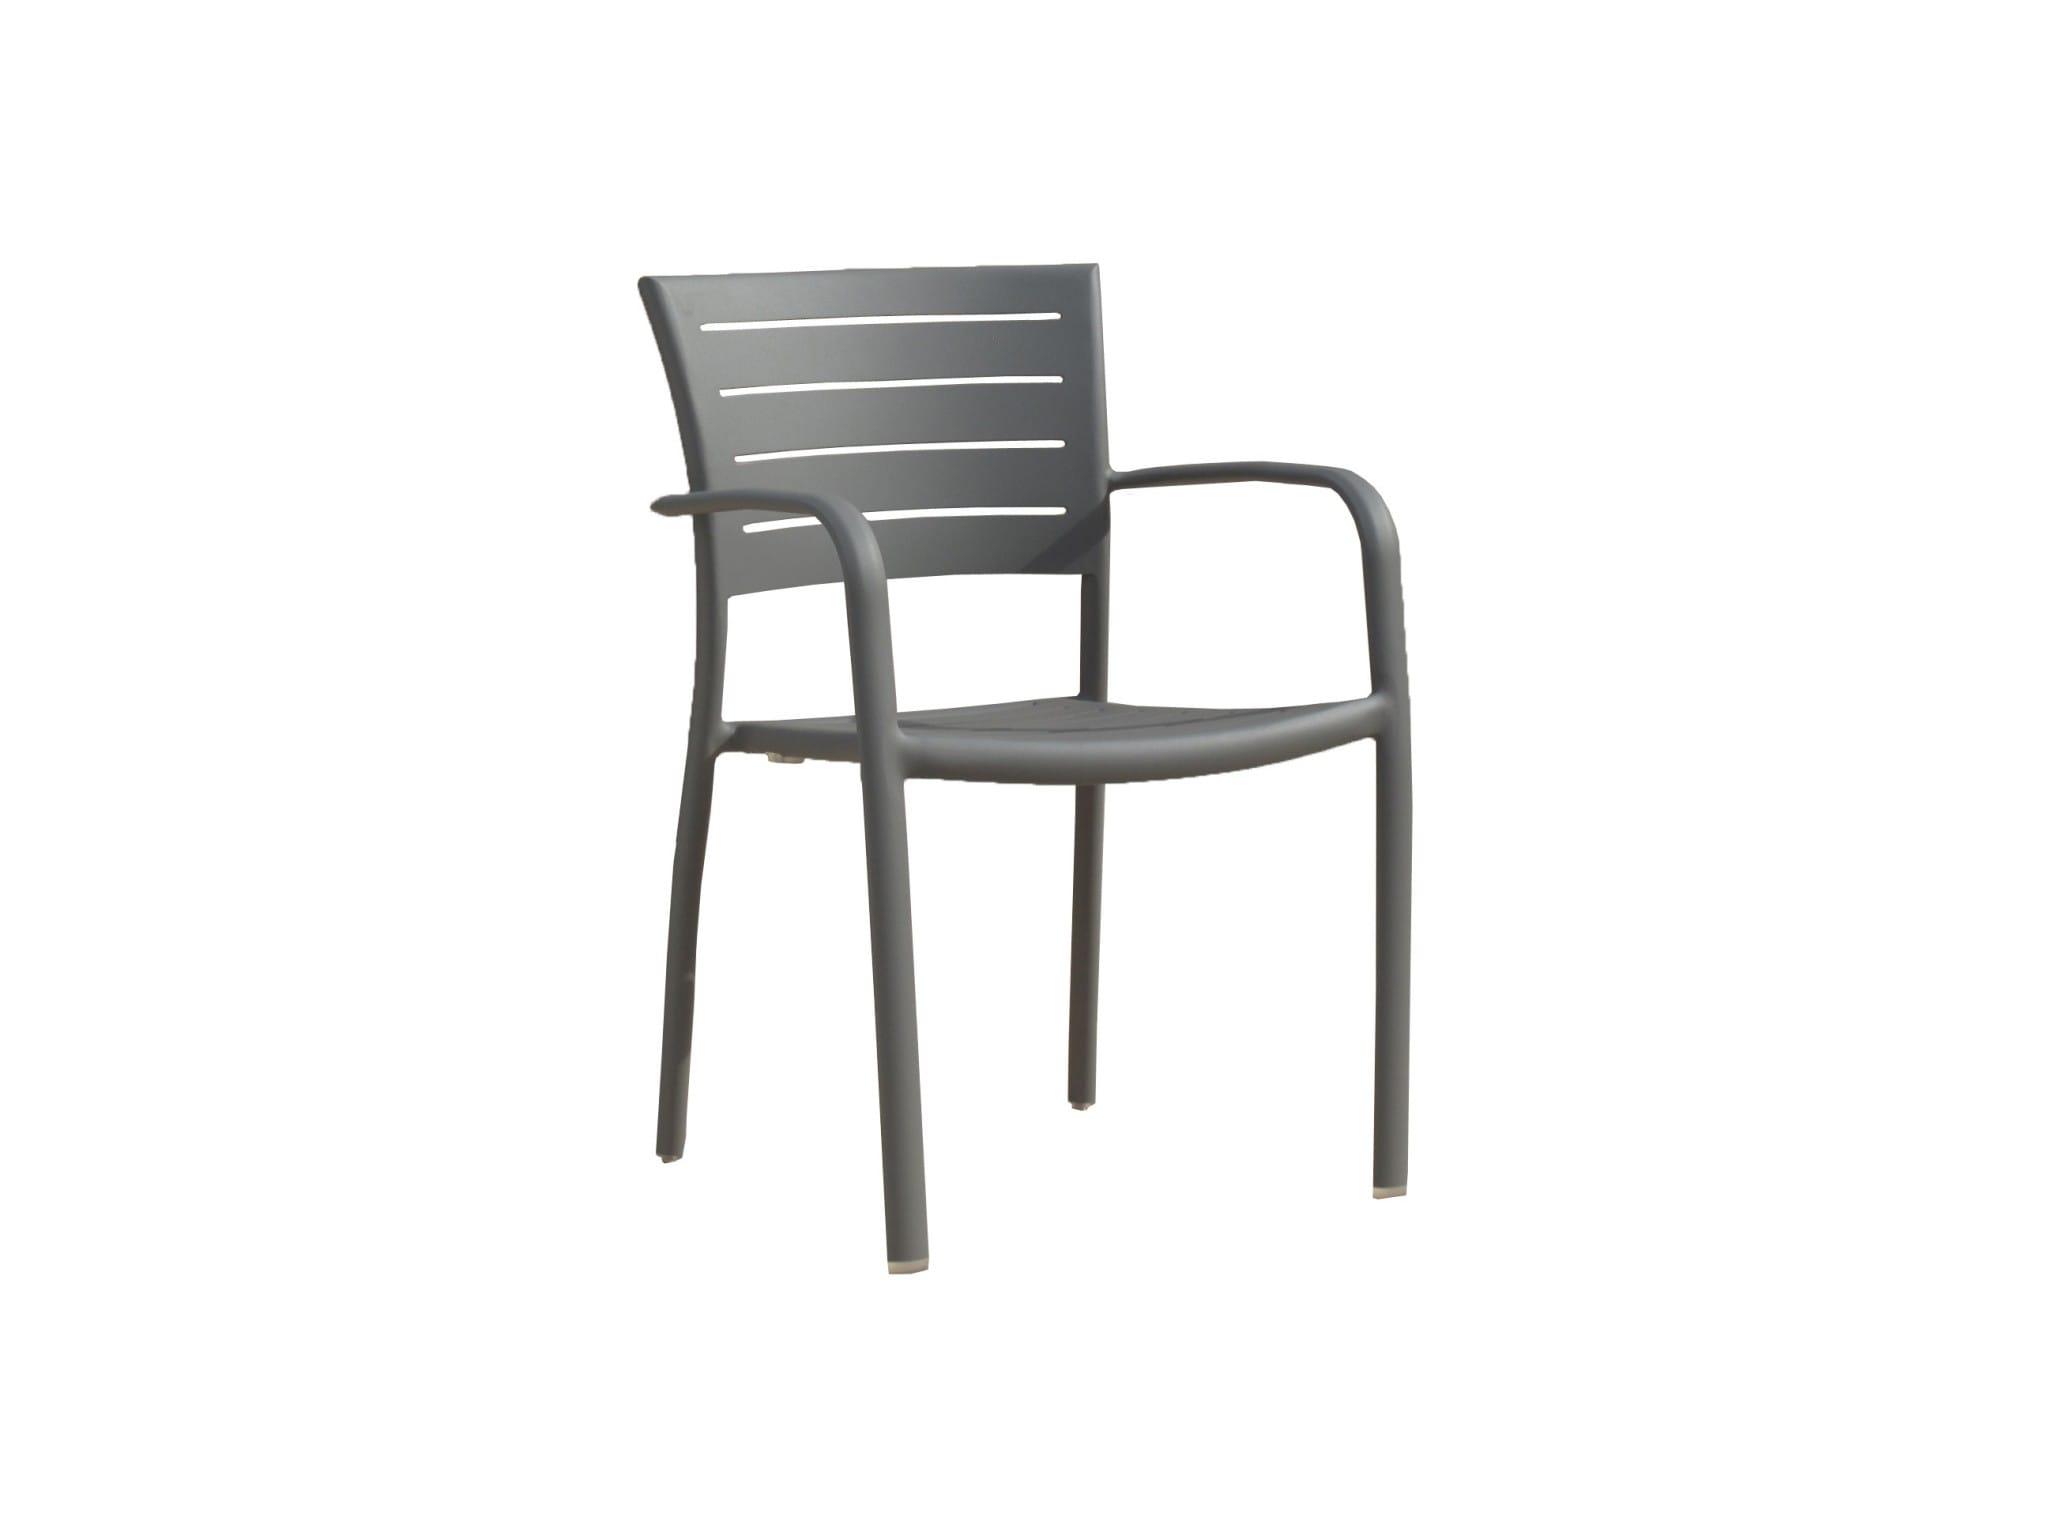 gartenm bel aluminium grau kollektion ideen garten. Black Bedroom Furniture Sets. Home Design Ideas